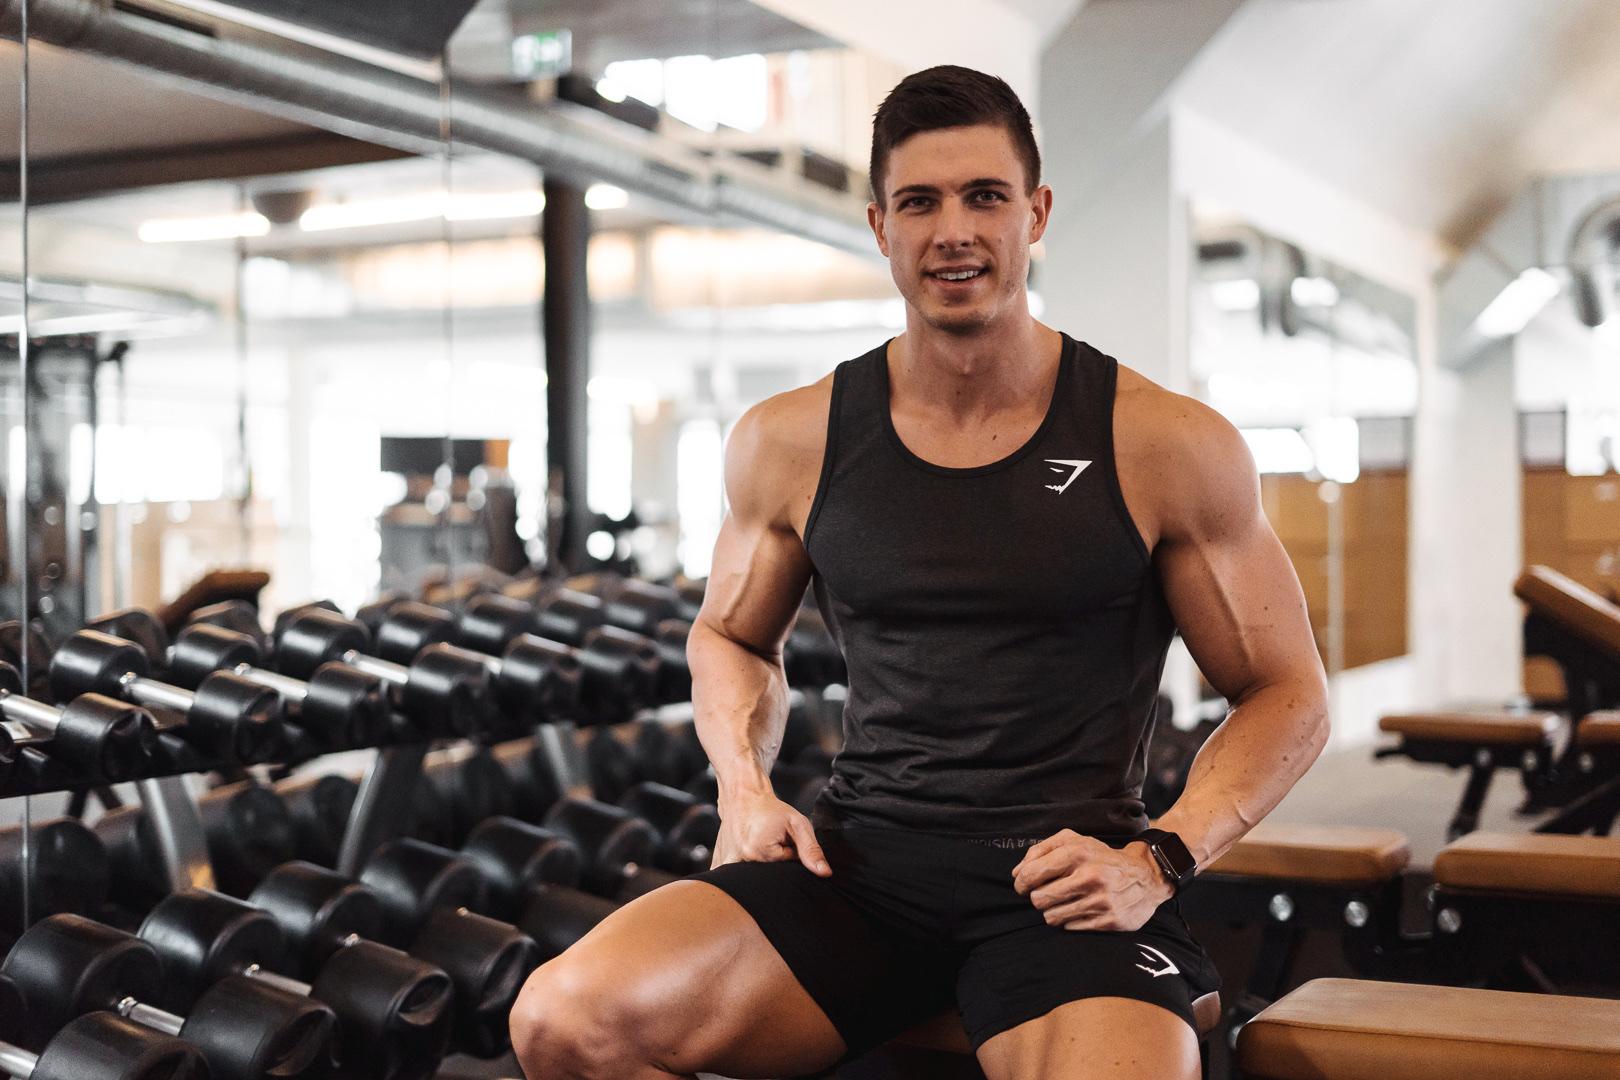 fitnessblog-fitnessblogger-fitness-blog-blogger-stuttgart-dreamteamfitness-periodisierter-trainingsplan